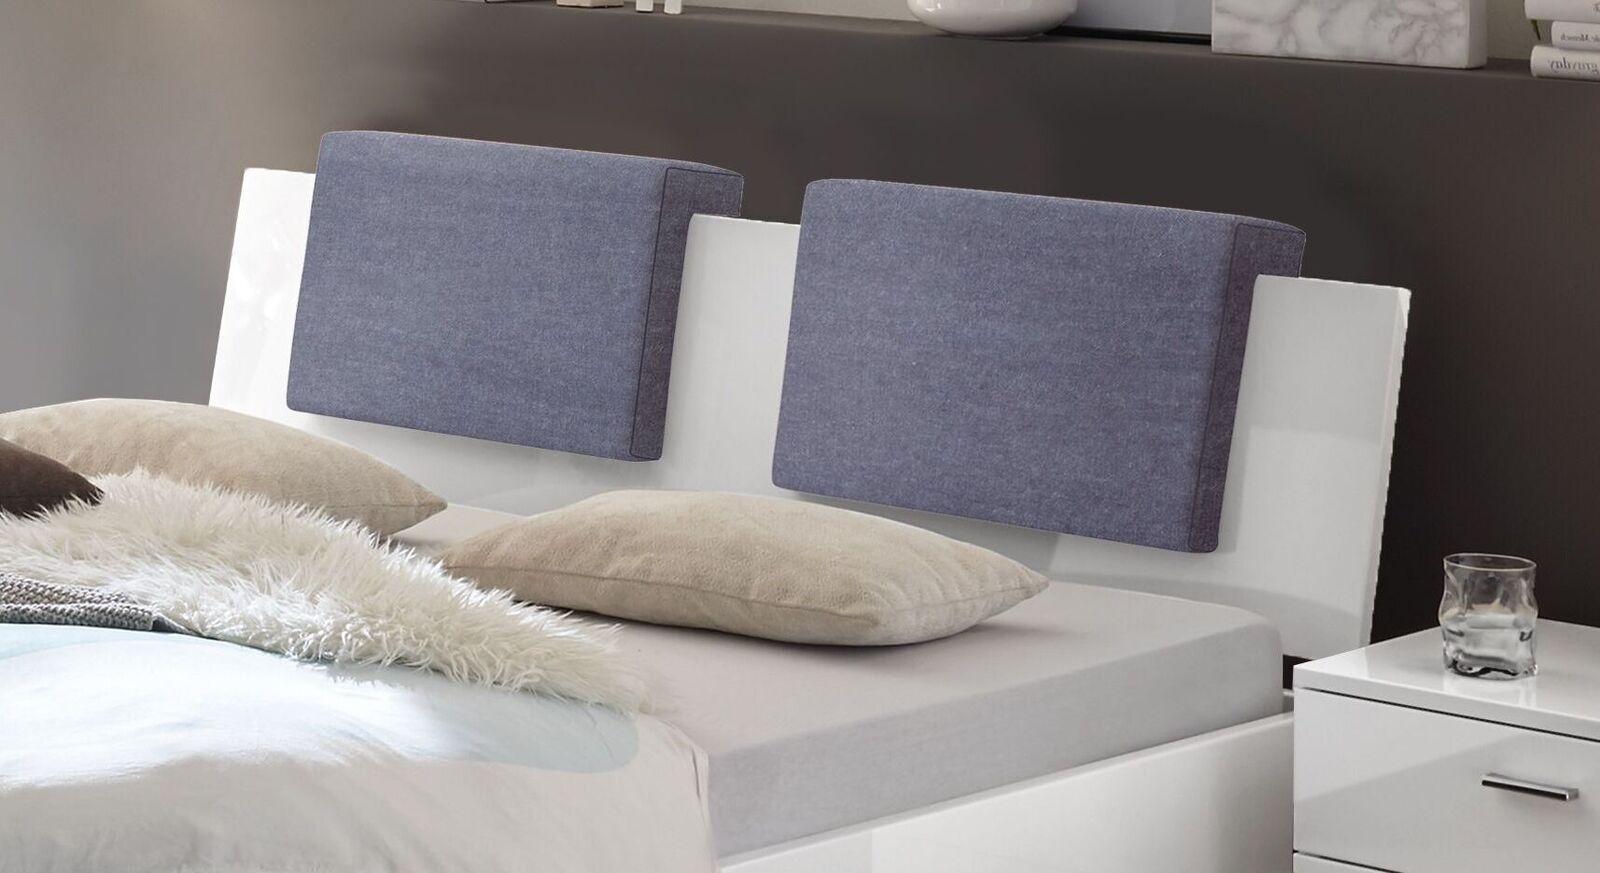 Einsteck-Kissen Rimini mit robustem Webstoff-Bezug im Used-Look